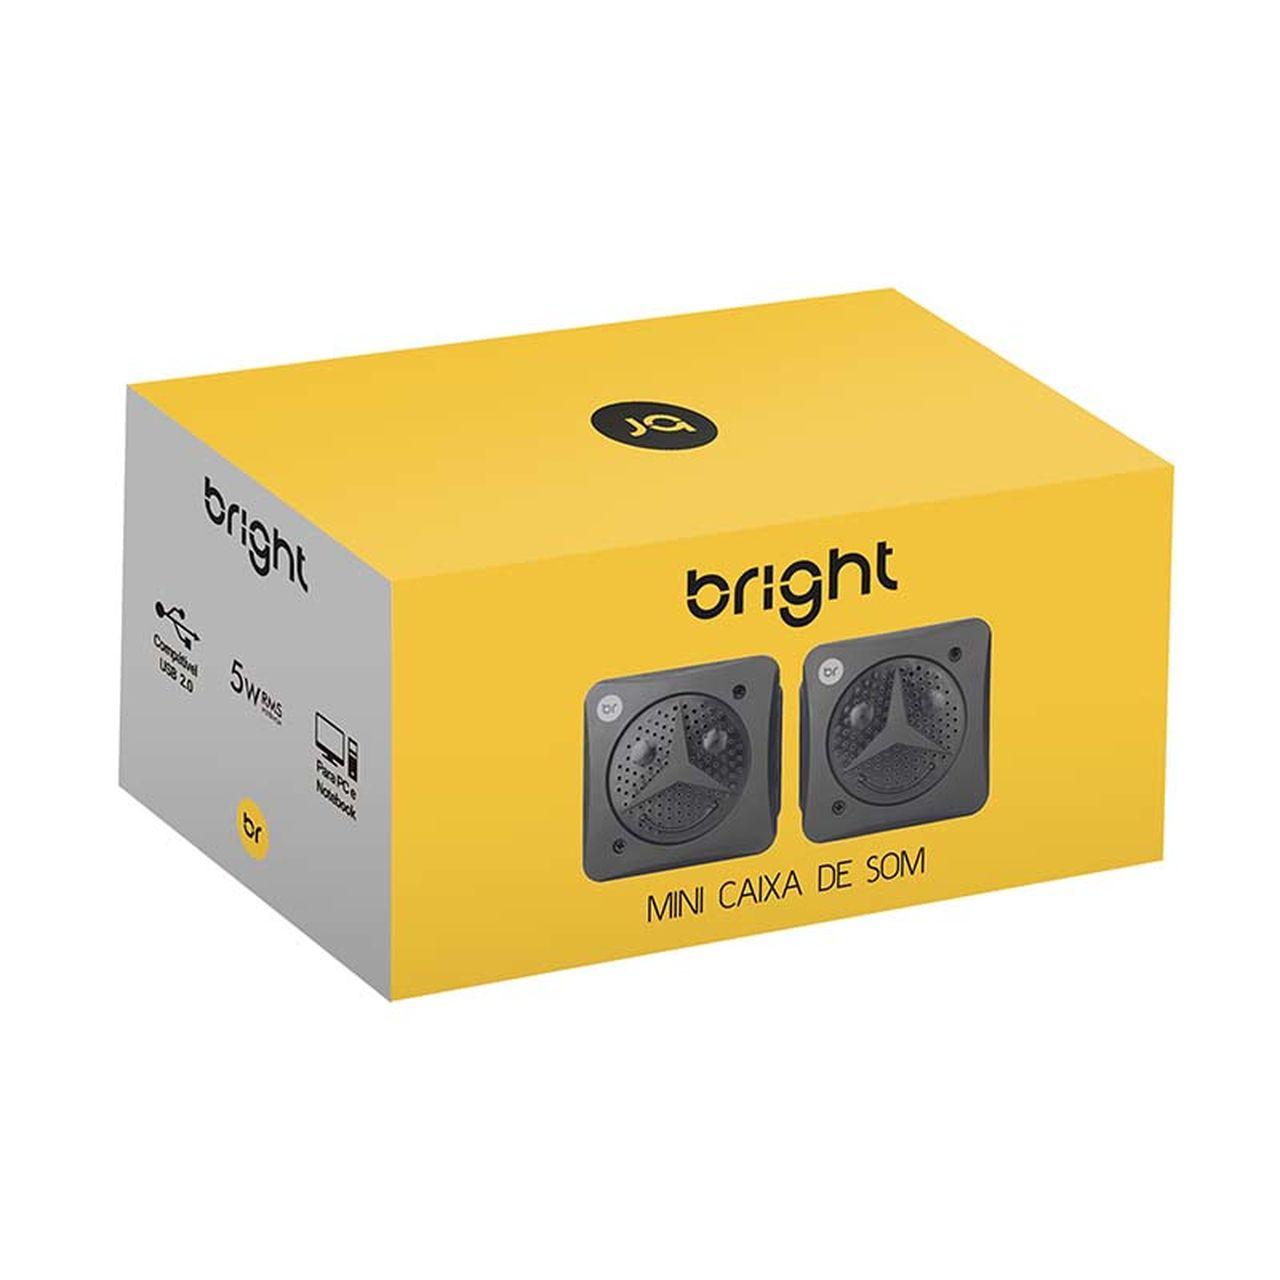 Mini Caixa de som 2.0 5W USB preta 359 - Bright